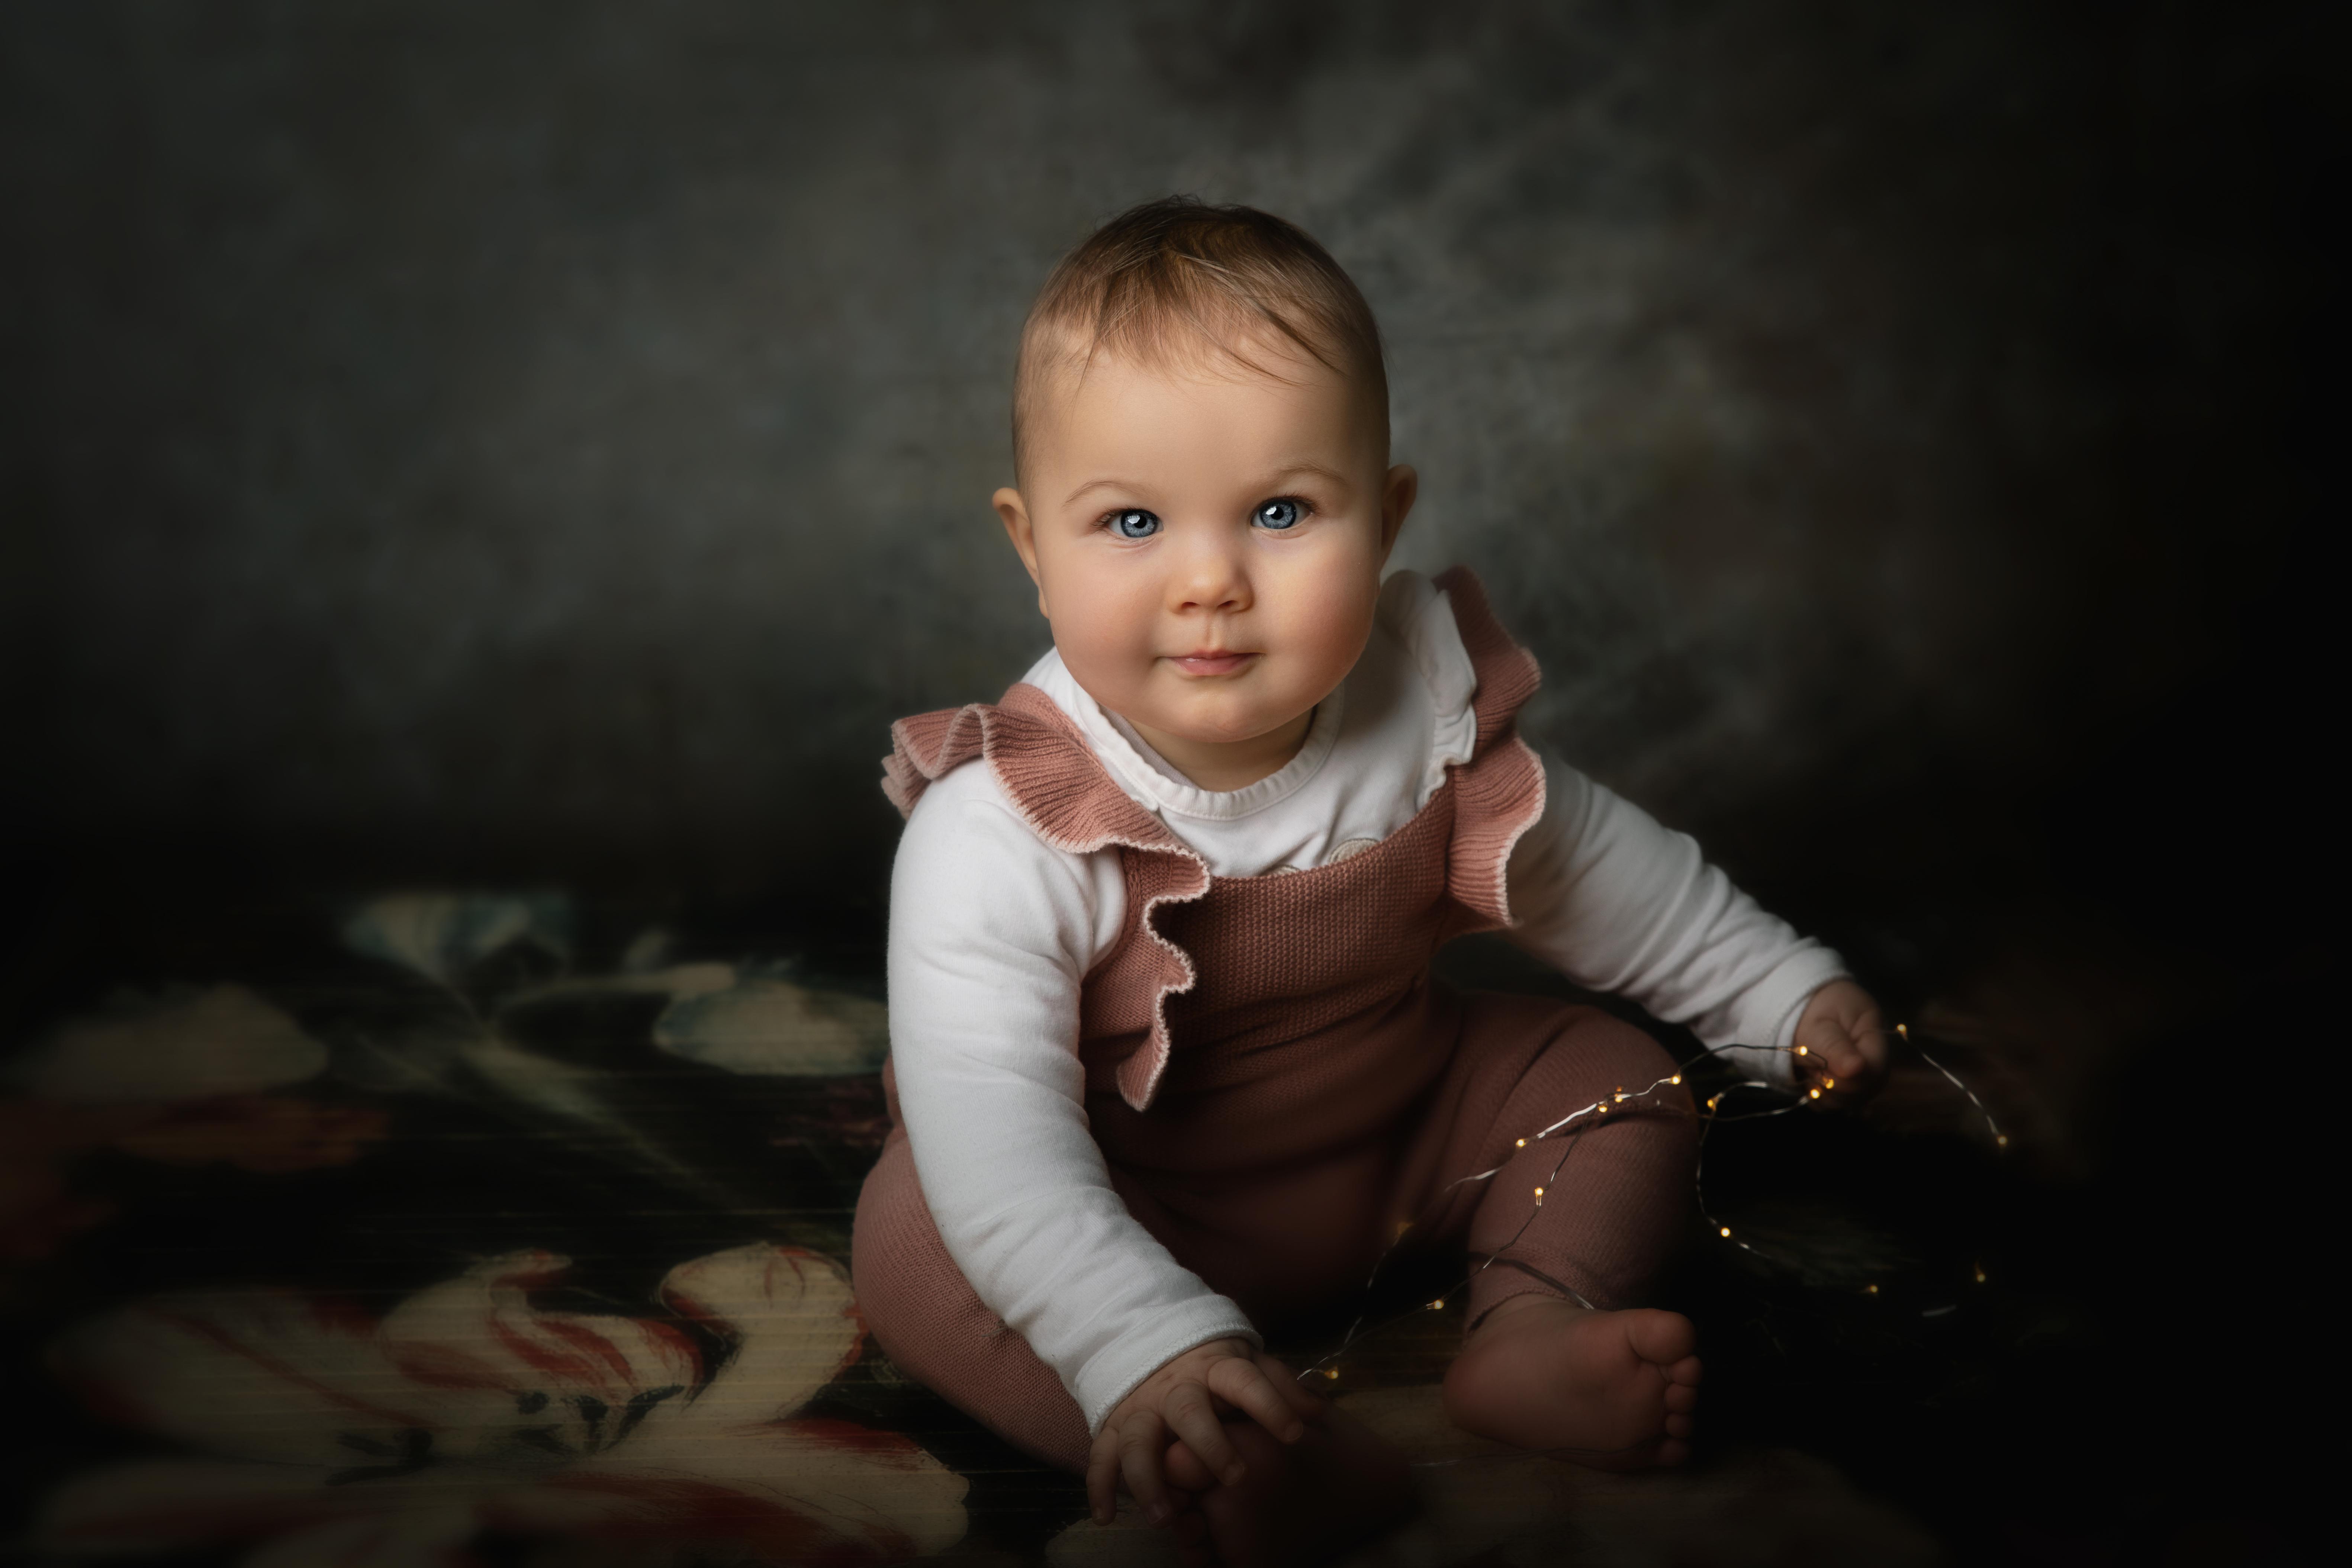 Professionelle Kinder Fotografie